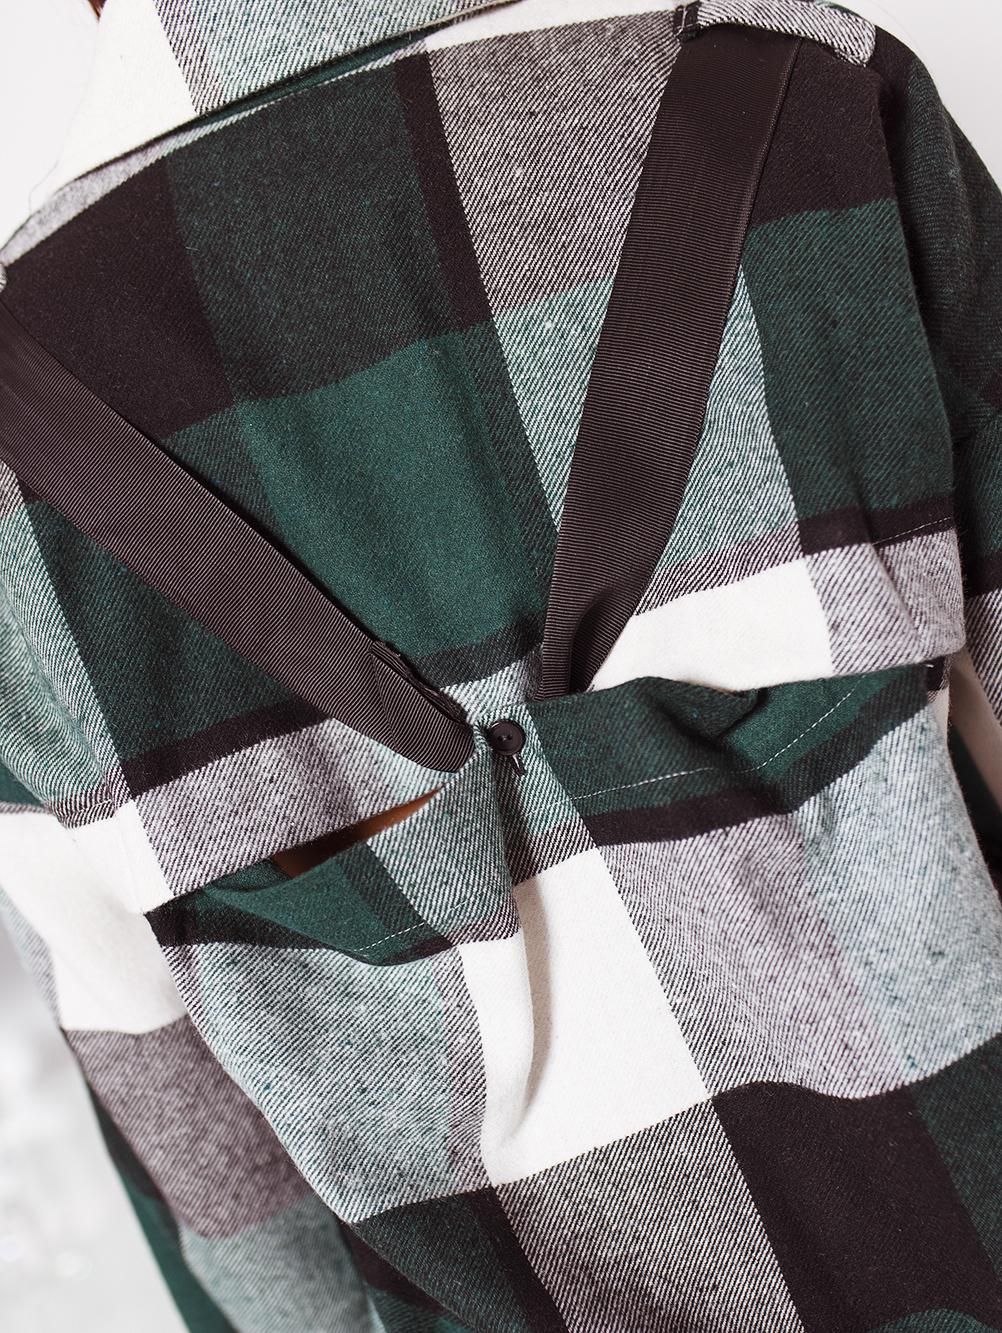 zielono-czarna-koszula-damska-w-krate-z-szelkami (1)